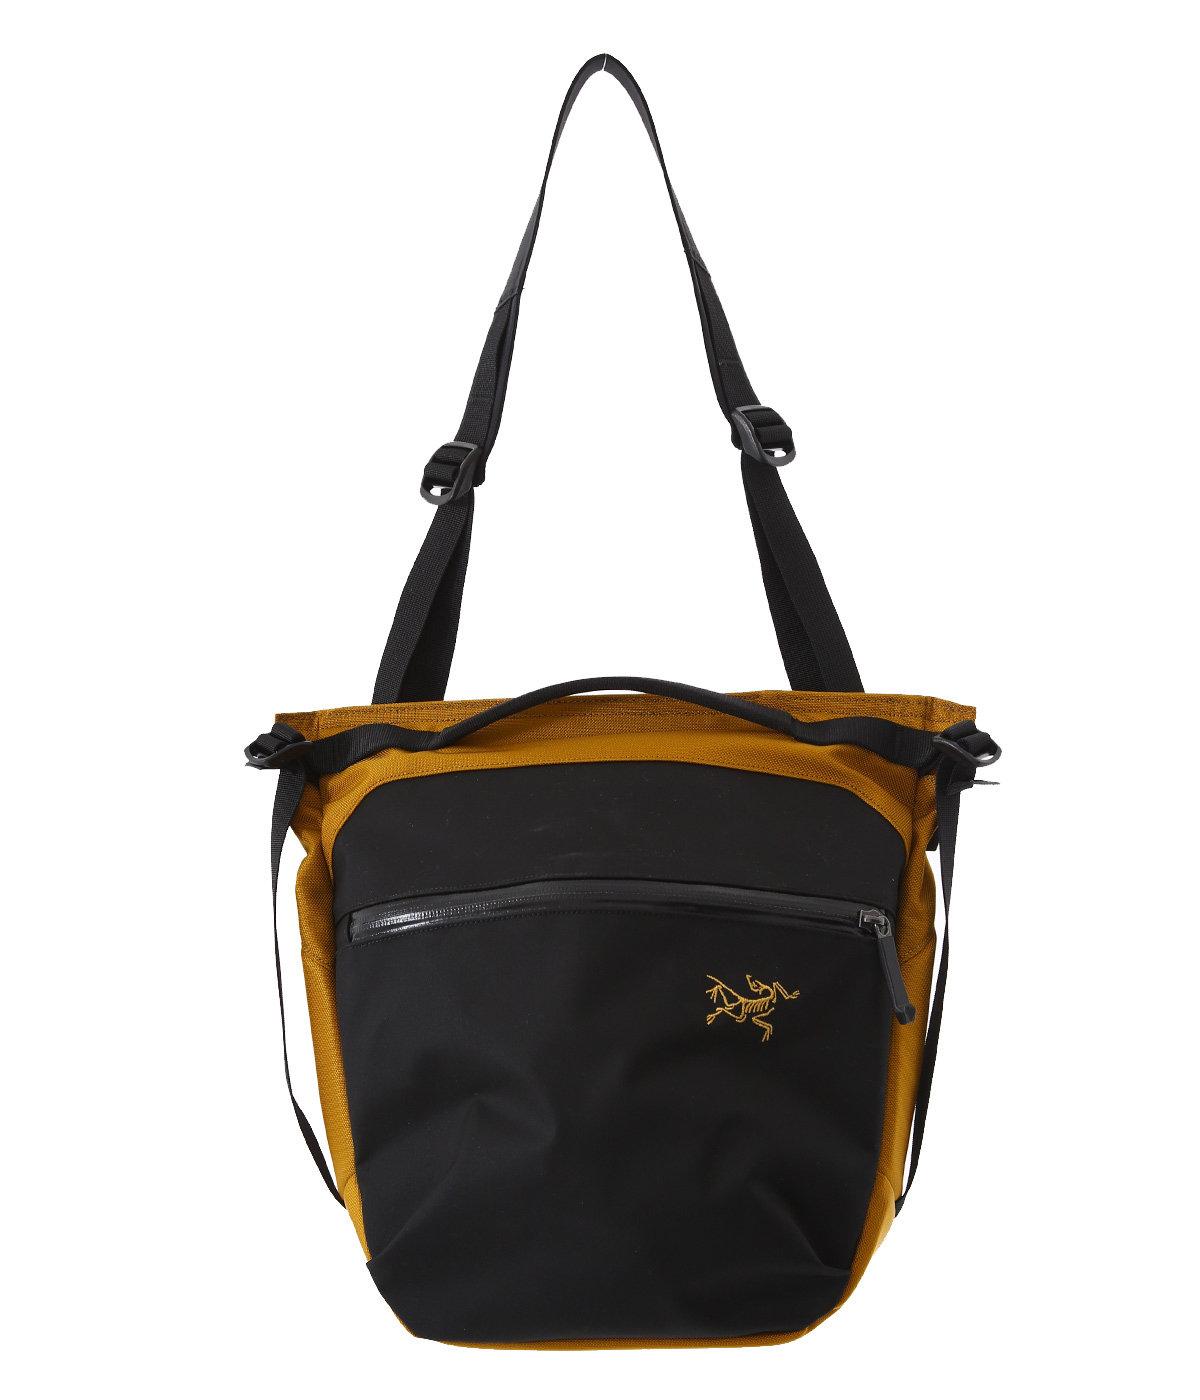 Arro 8 Shoulder Bag